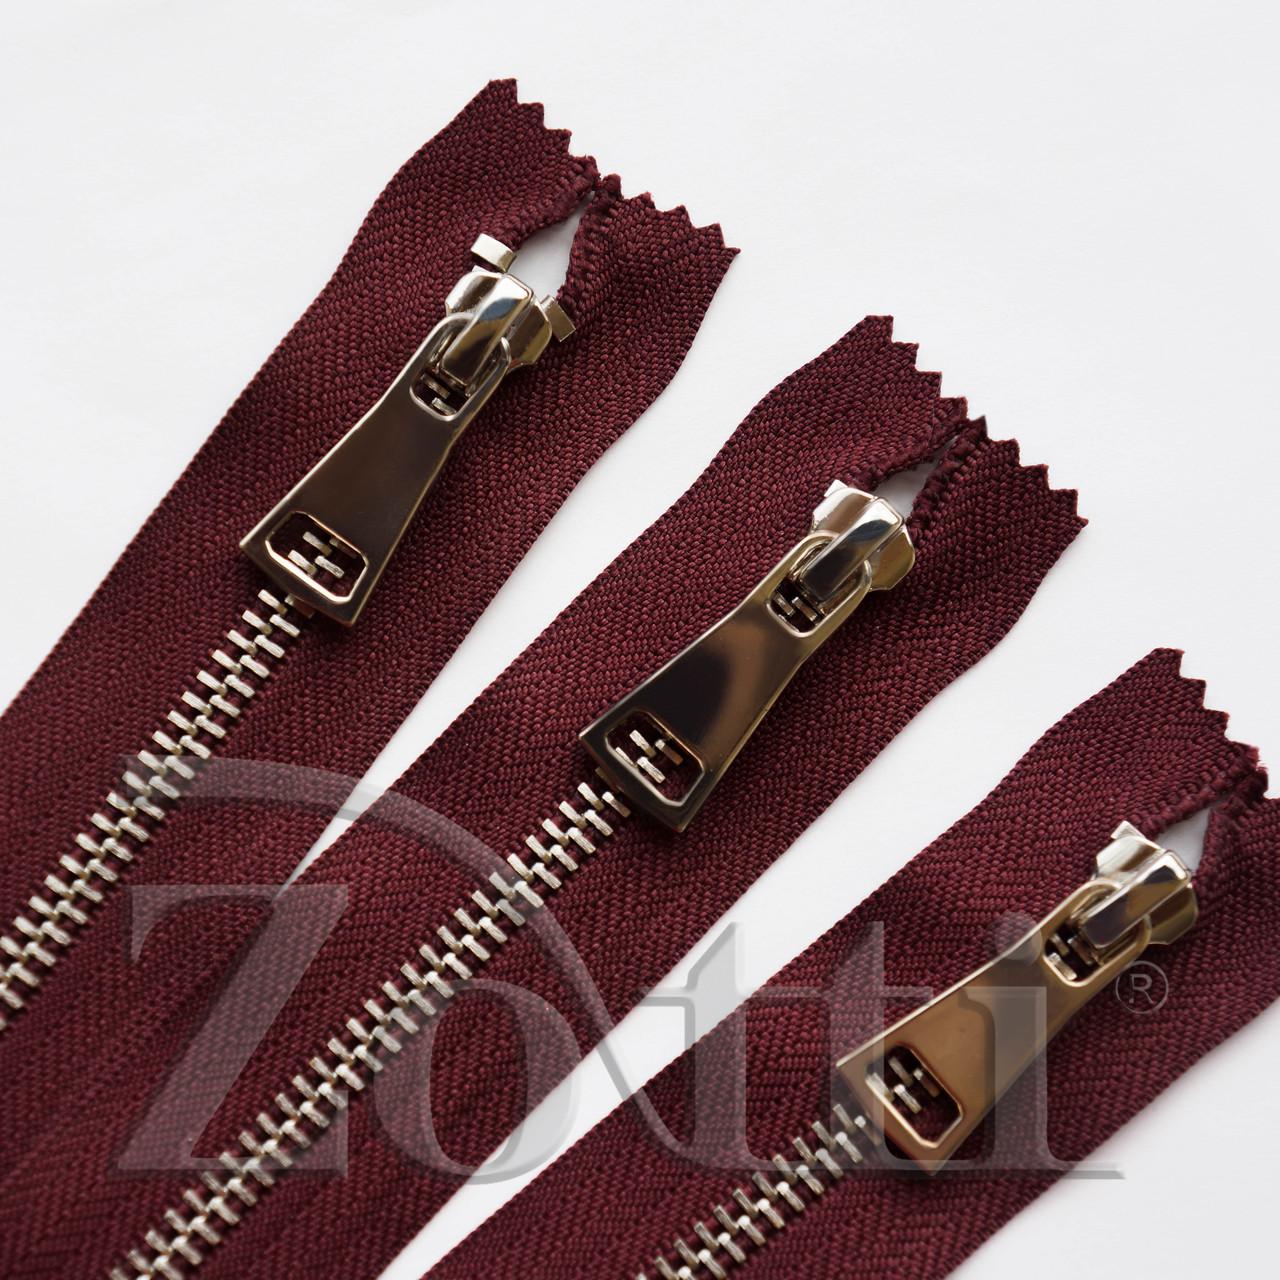 Молния (змейка,застежка) металлическая №5, размерная, обувная, бордовая, с серебряным бегунком № 115 - 30 см